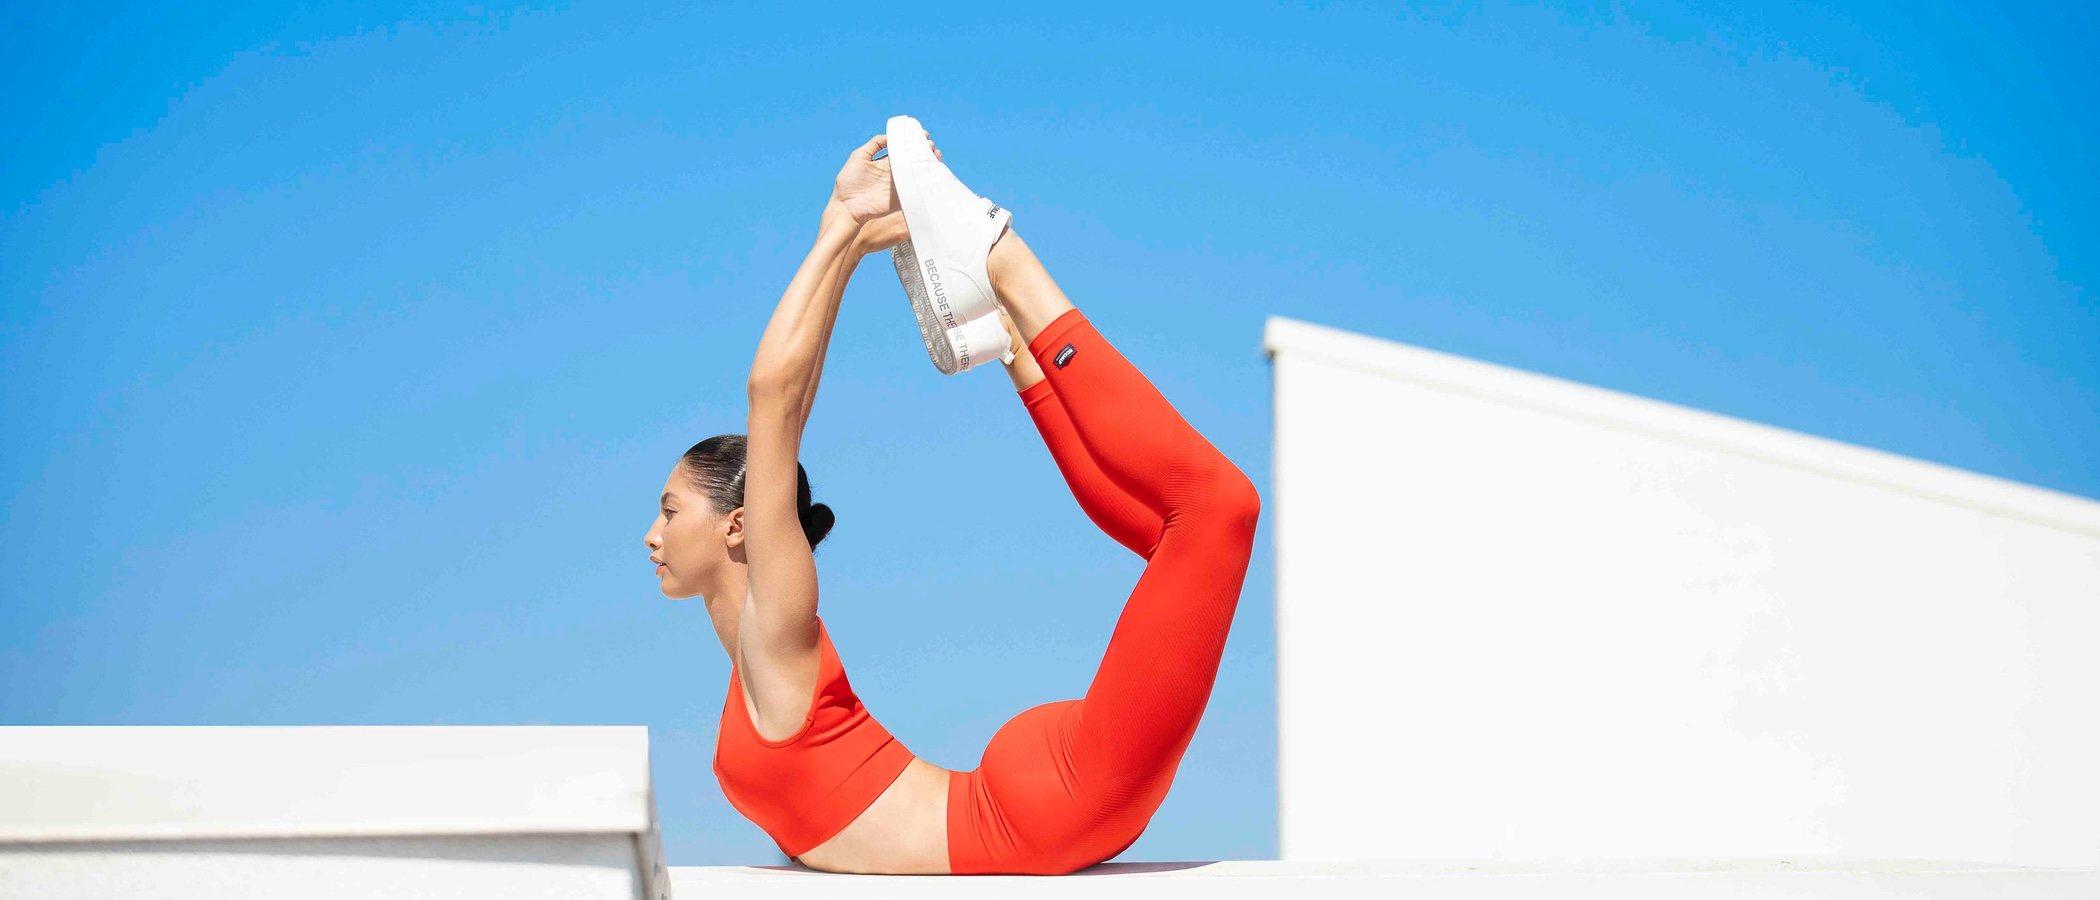 Yoga sostenible: la nueva colección de Ecoalf procedente del reciclaje